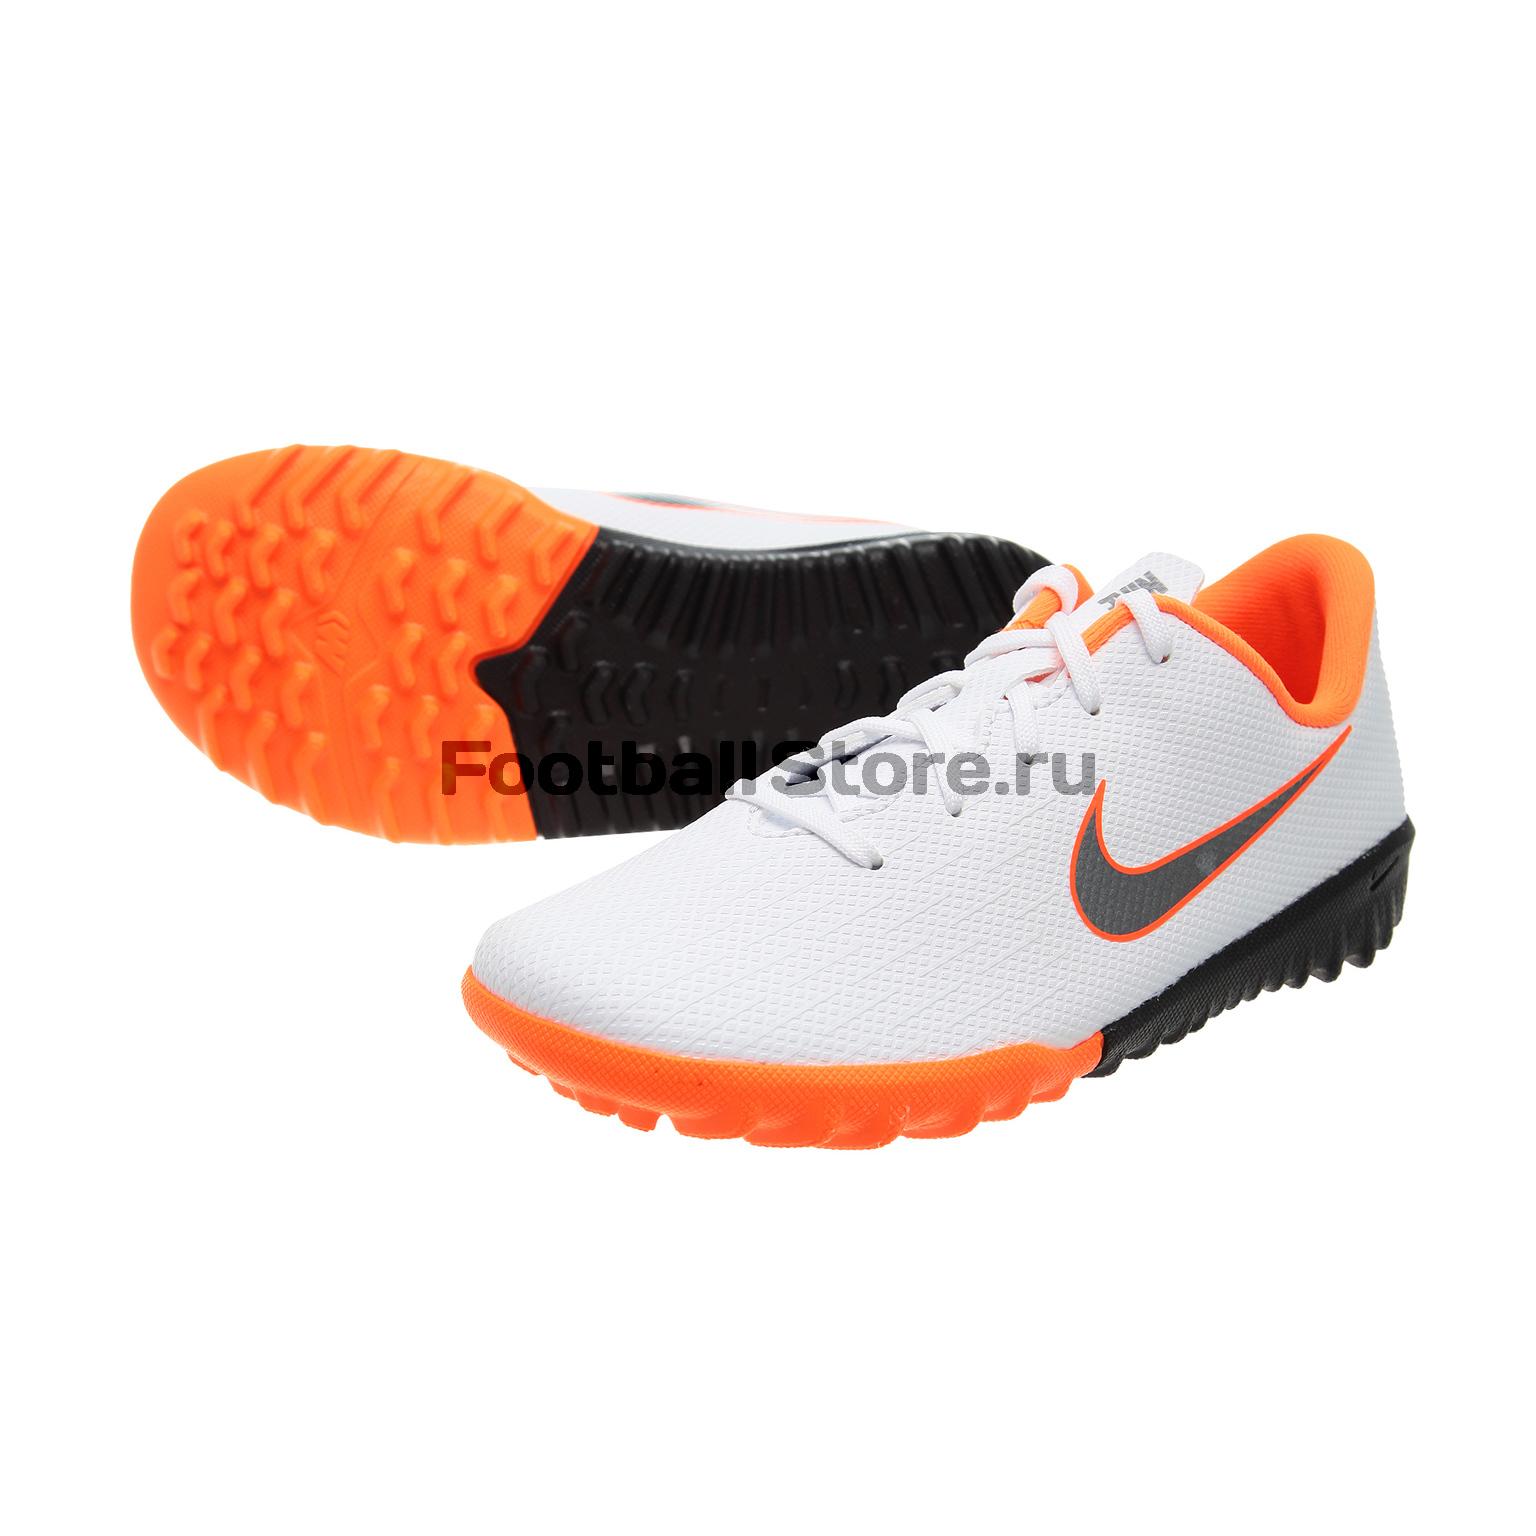 Шиповки детские Nike VaporX 12 Academy PS TF AH7353-107 шиповки nike lunar legendx 7 pro tf ah7249 080